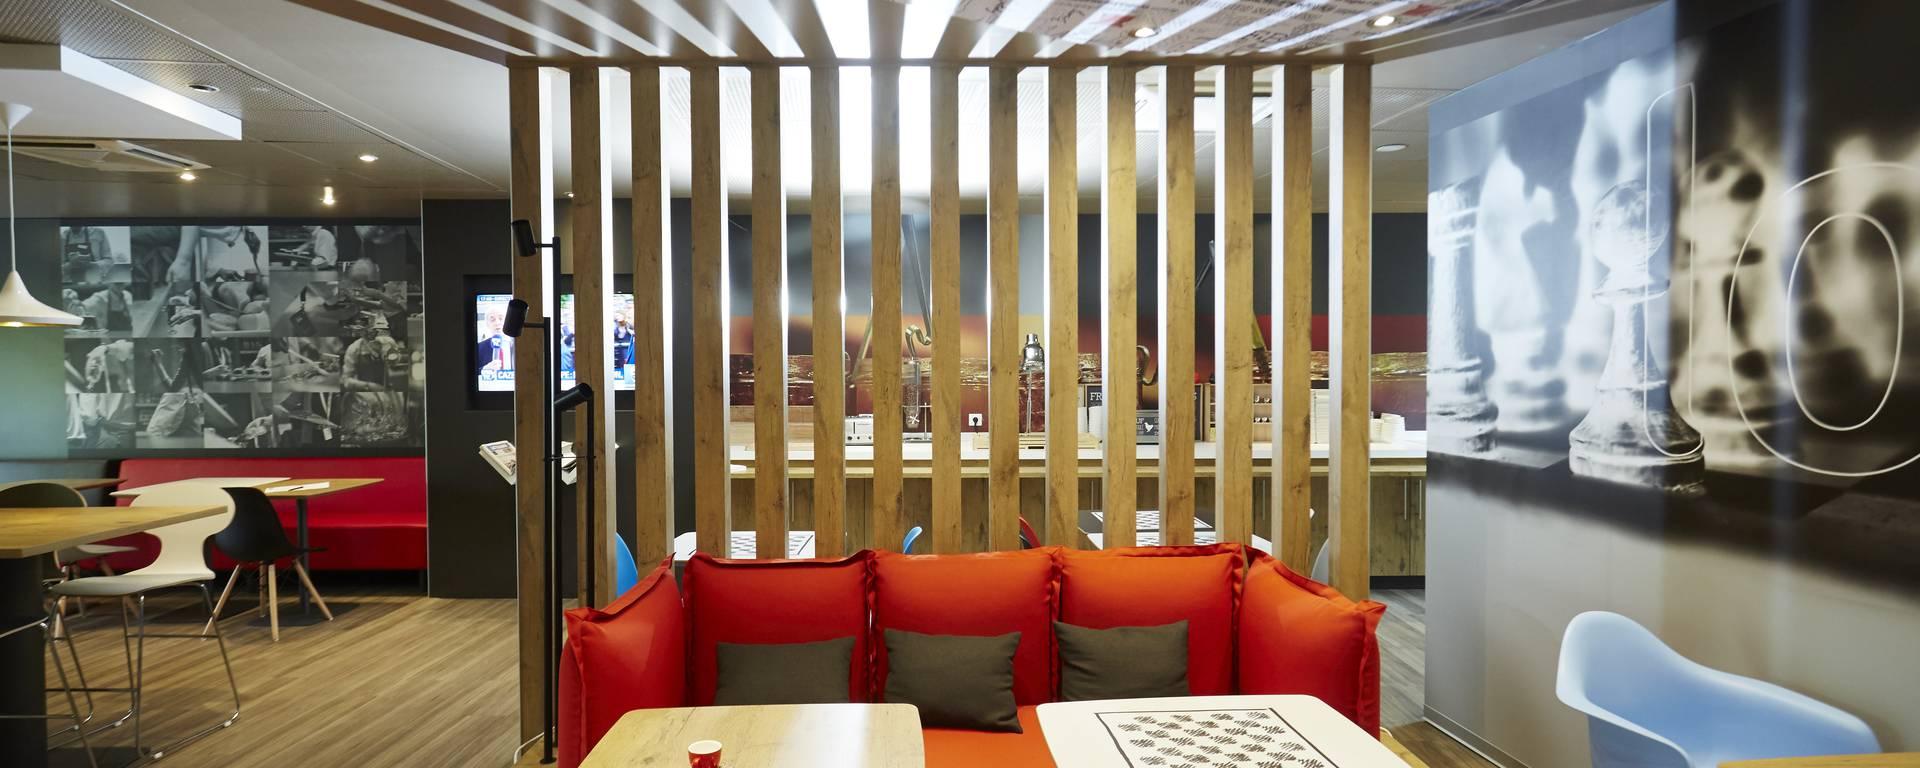 Valenciennes hôtel Ibis lounge